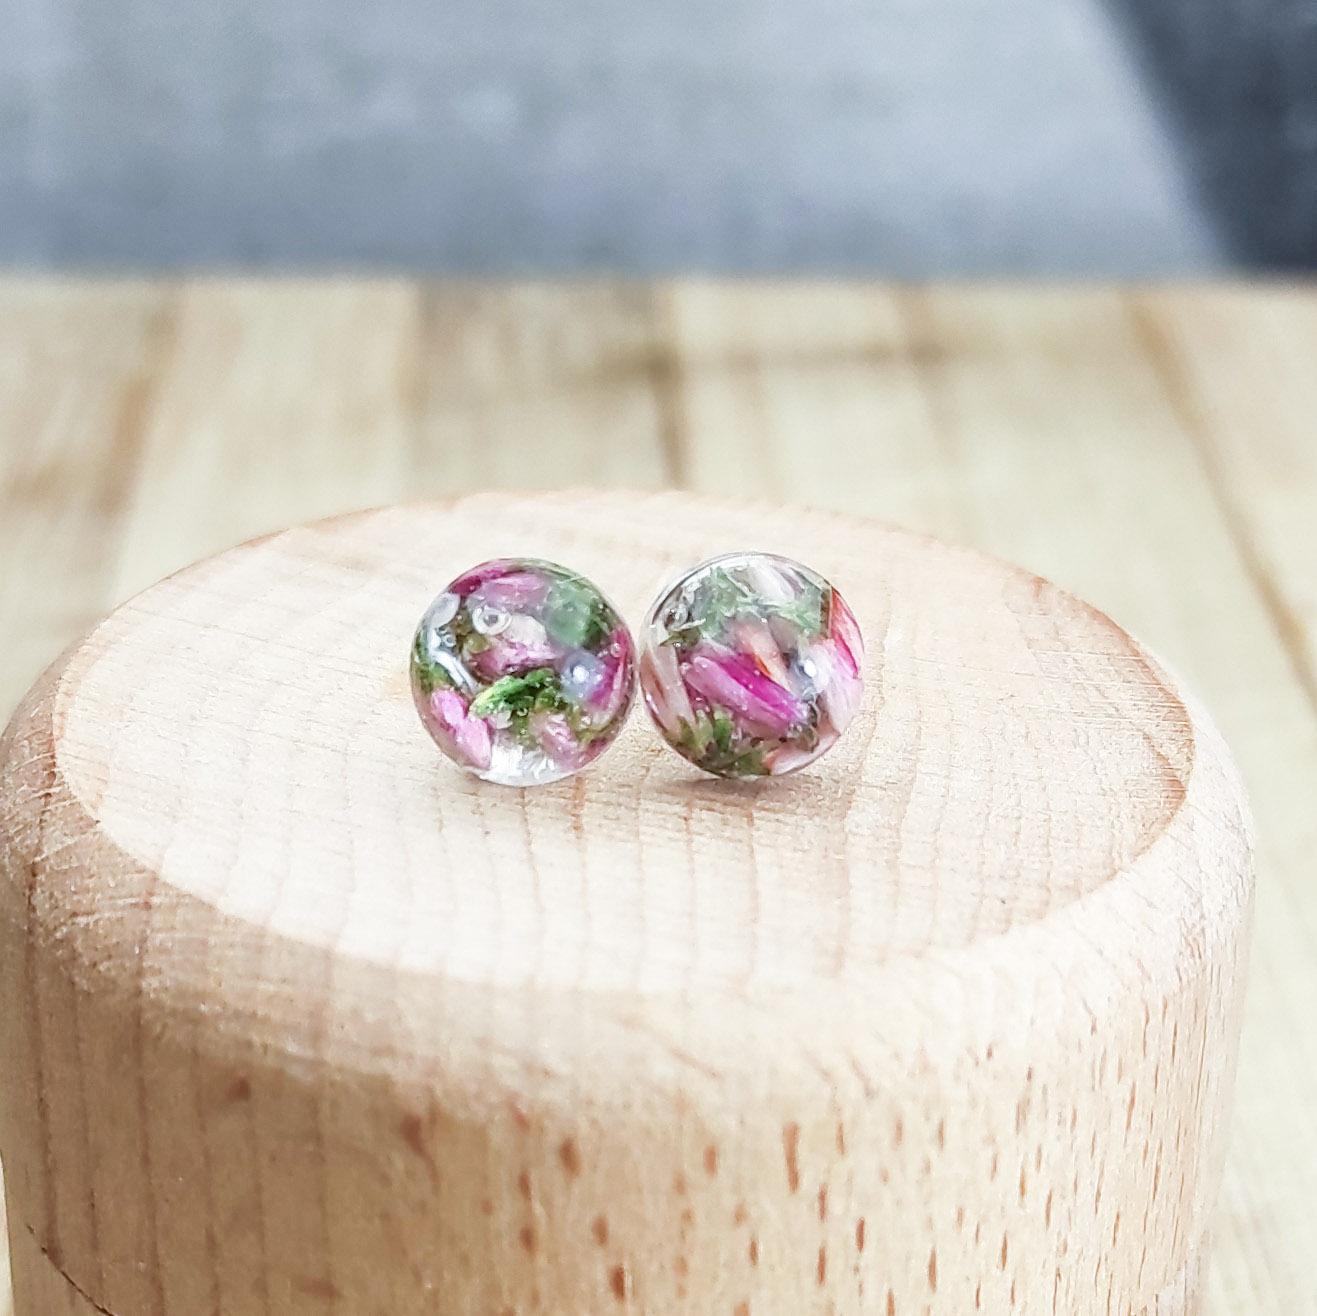 Kolczyki Wrzosisławy purpurowe mini